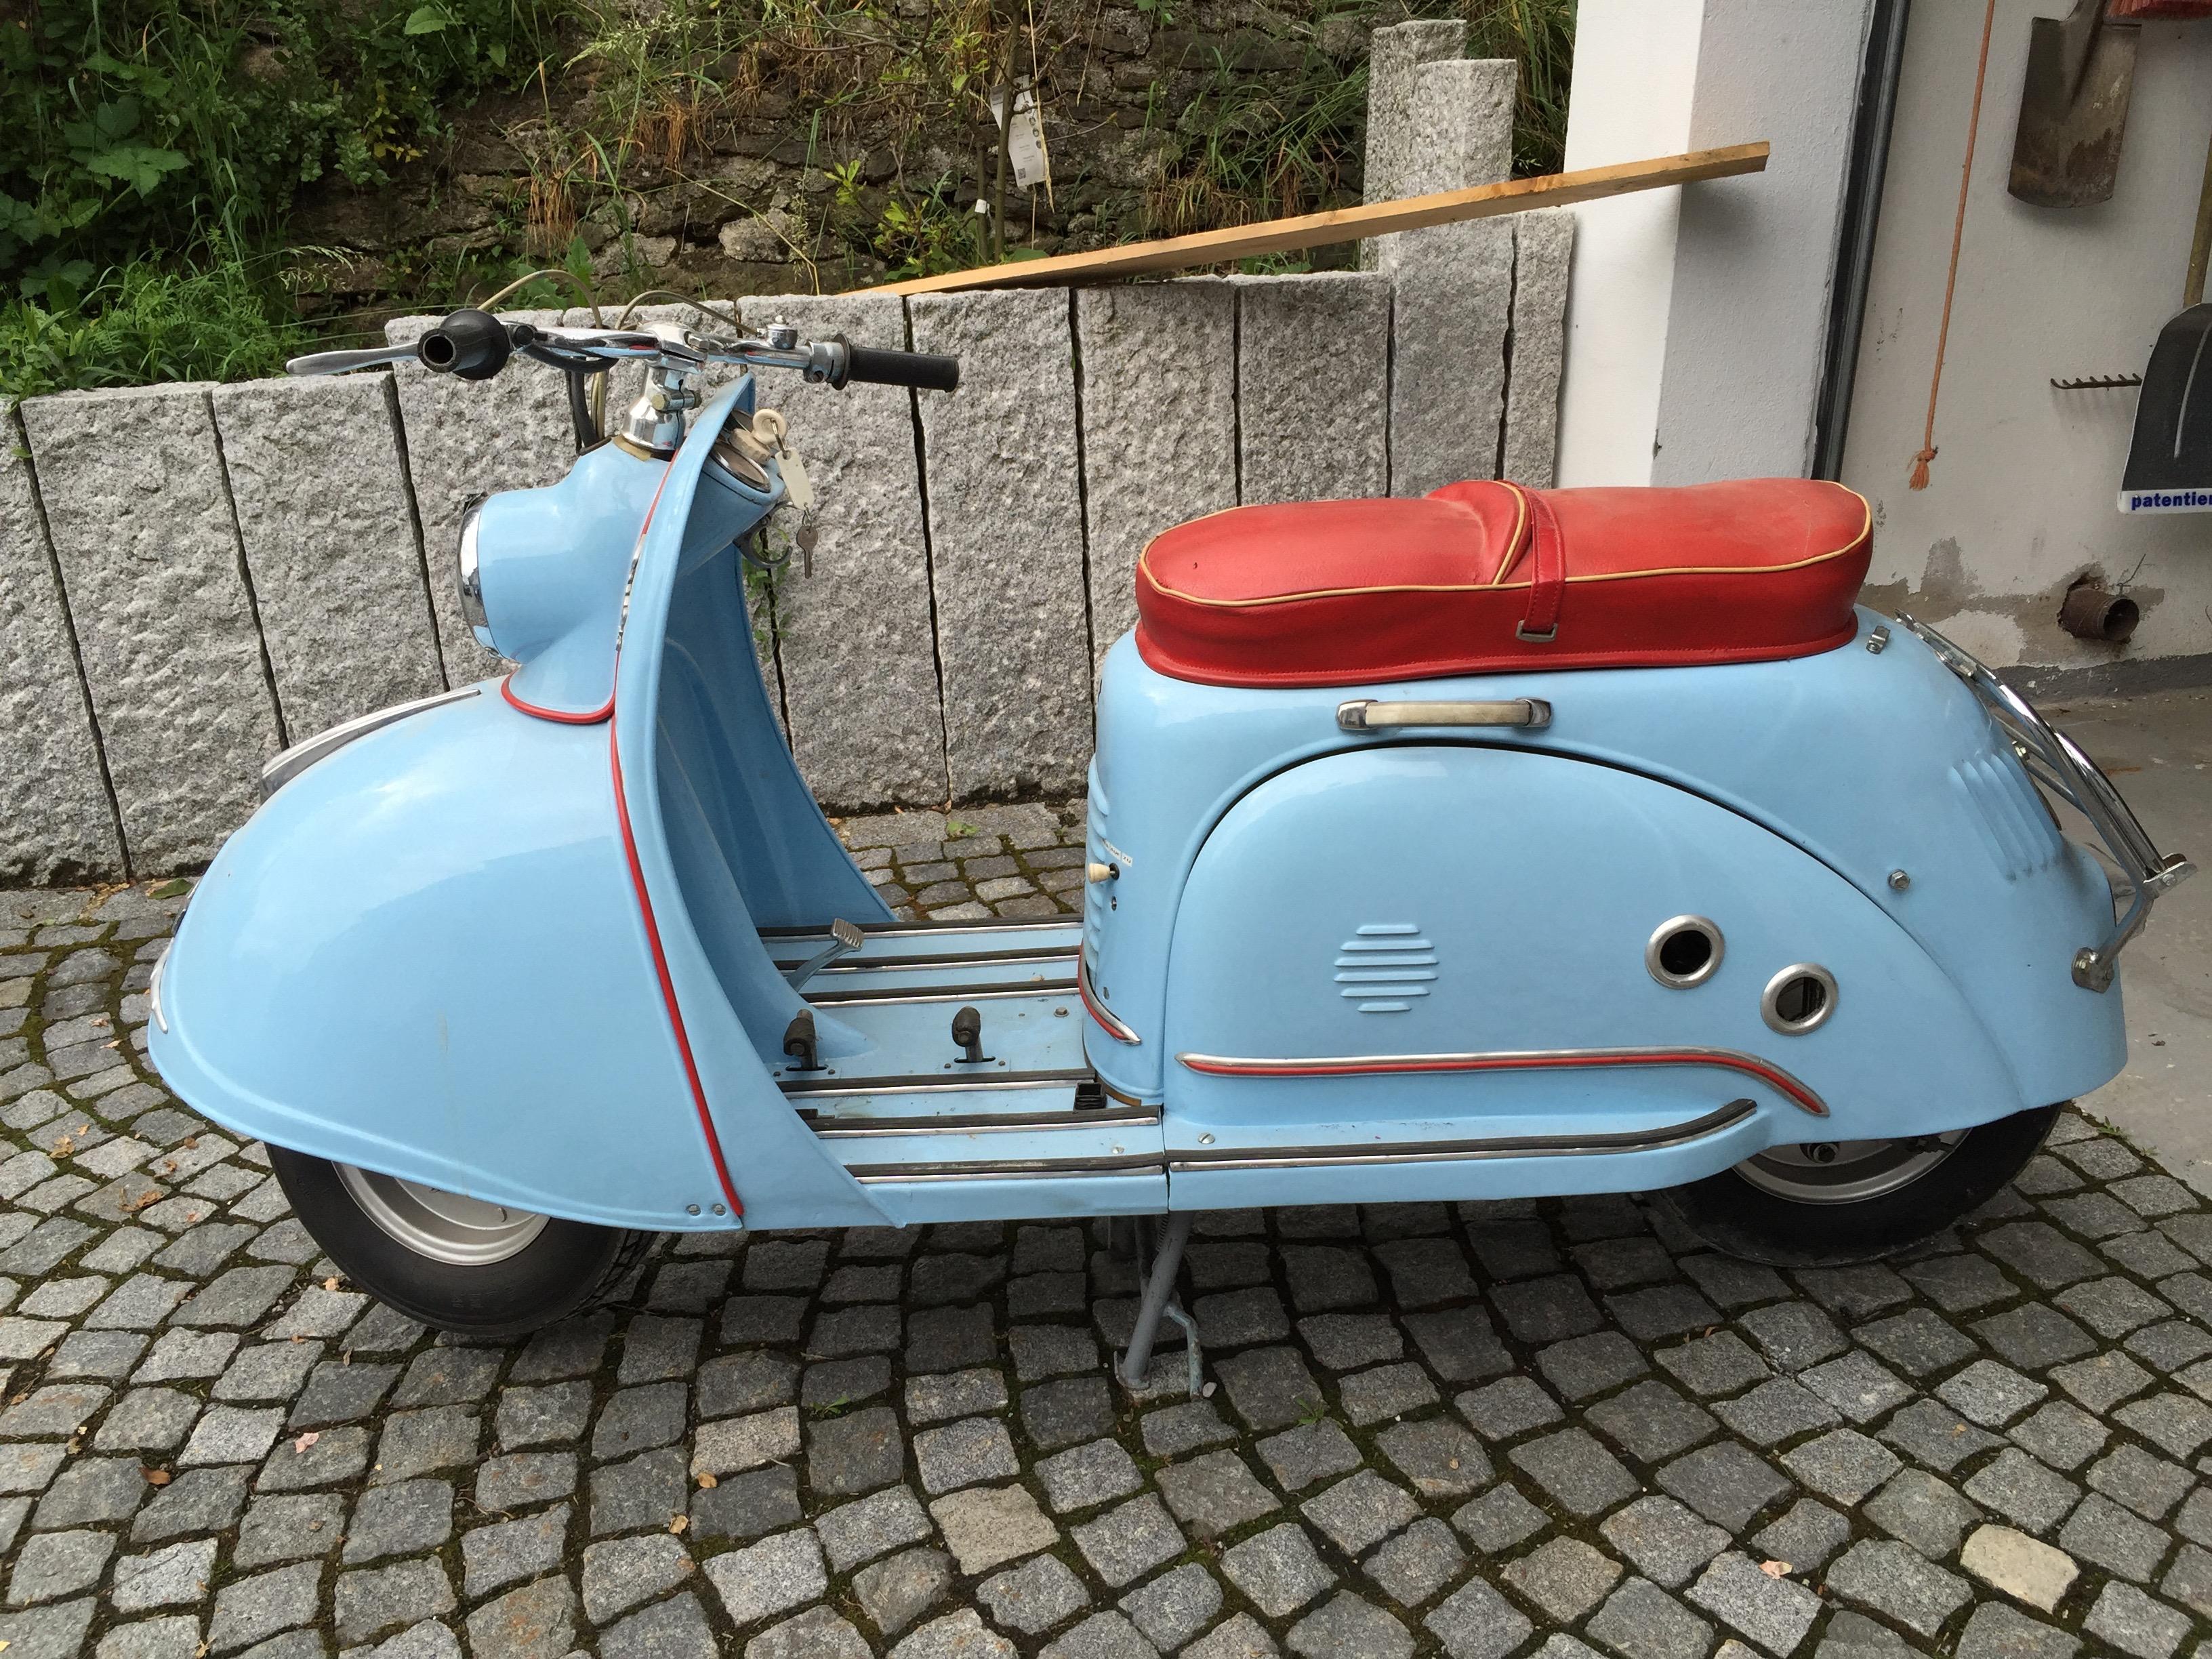 Goggo 200 . verkauft - Verkaufe Roller - GSF - Das Vespa